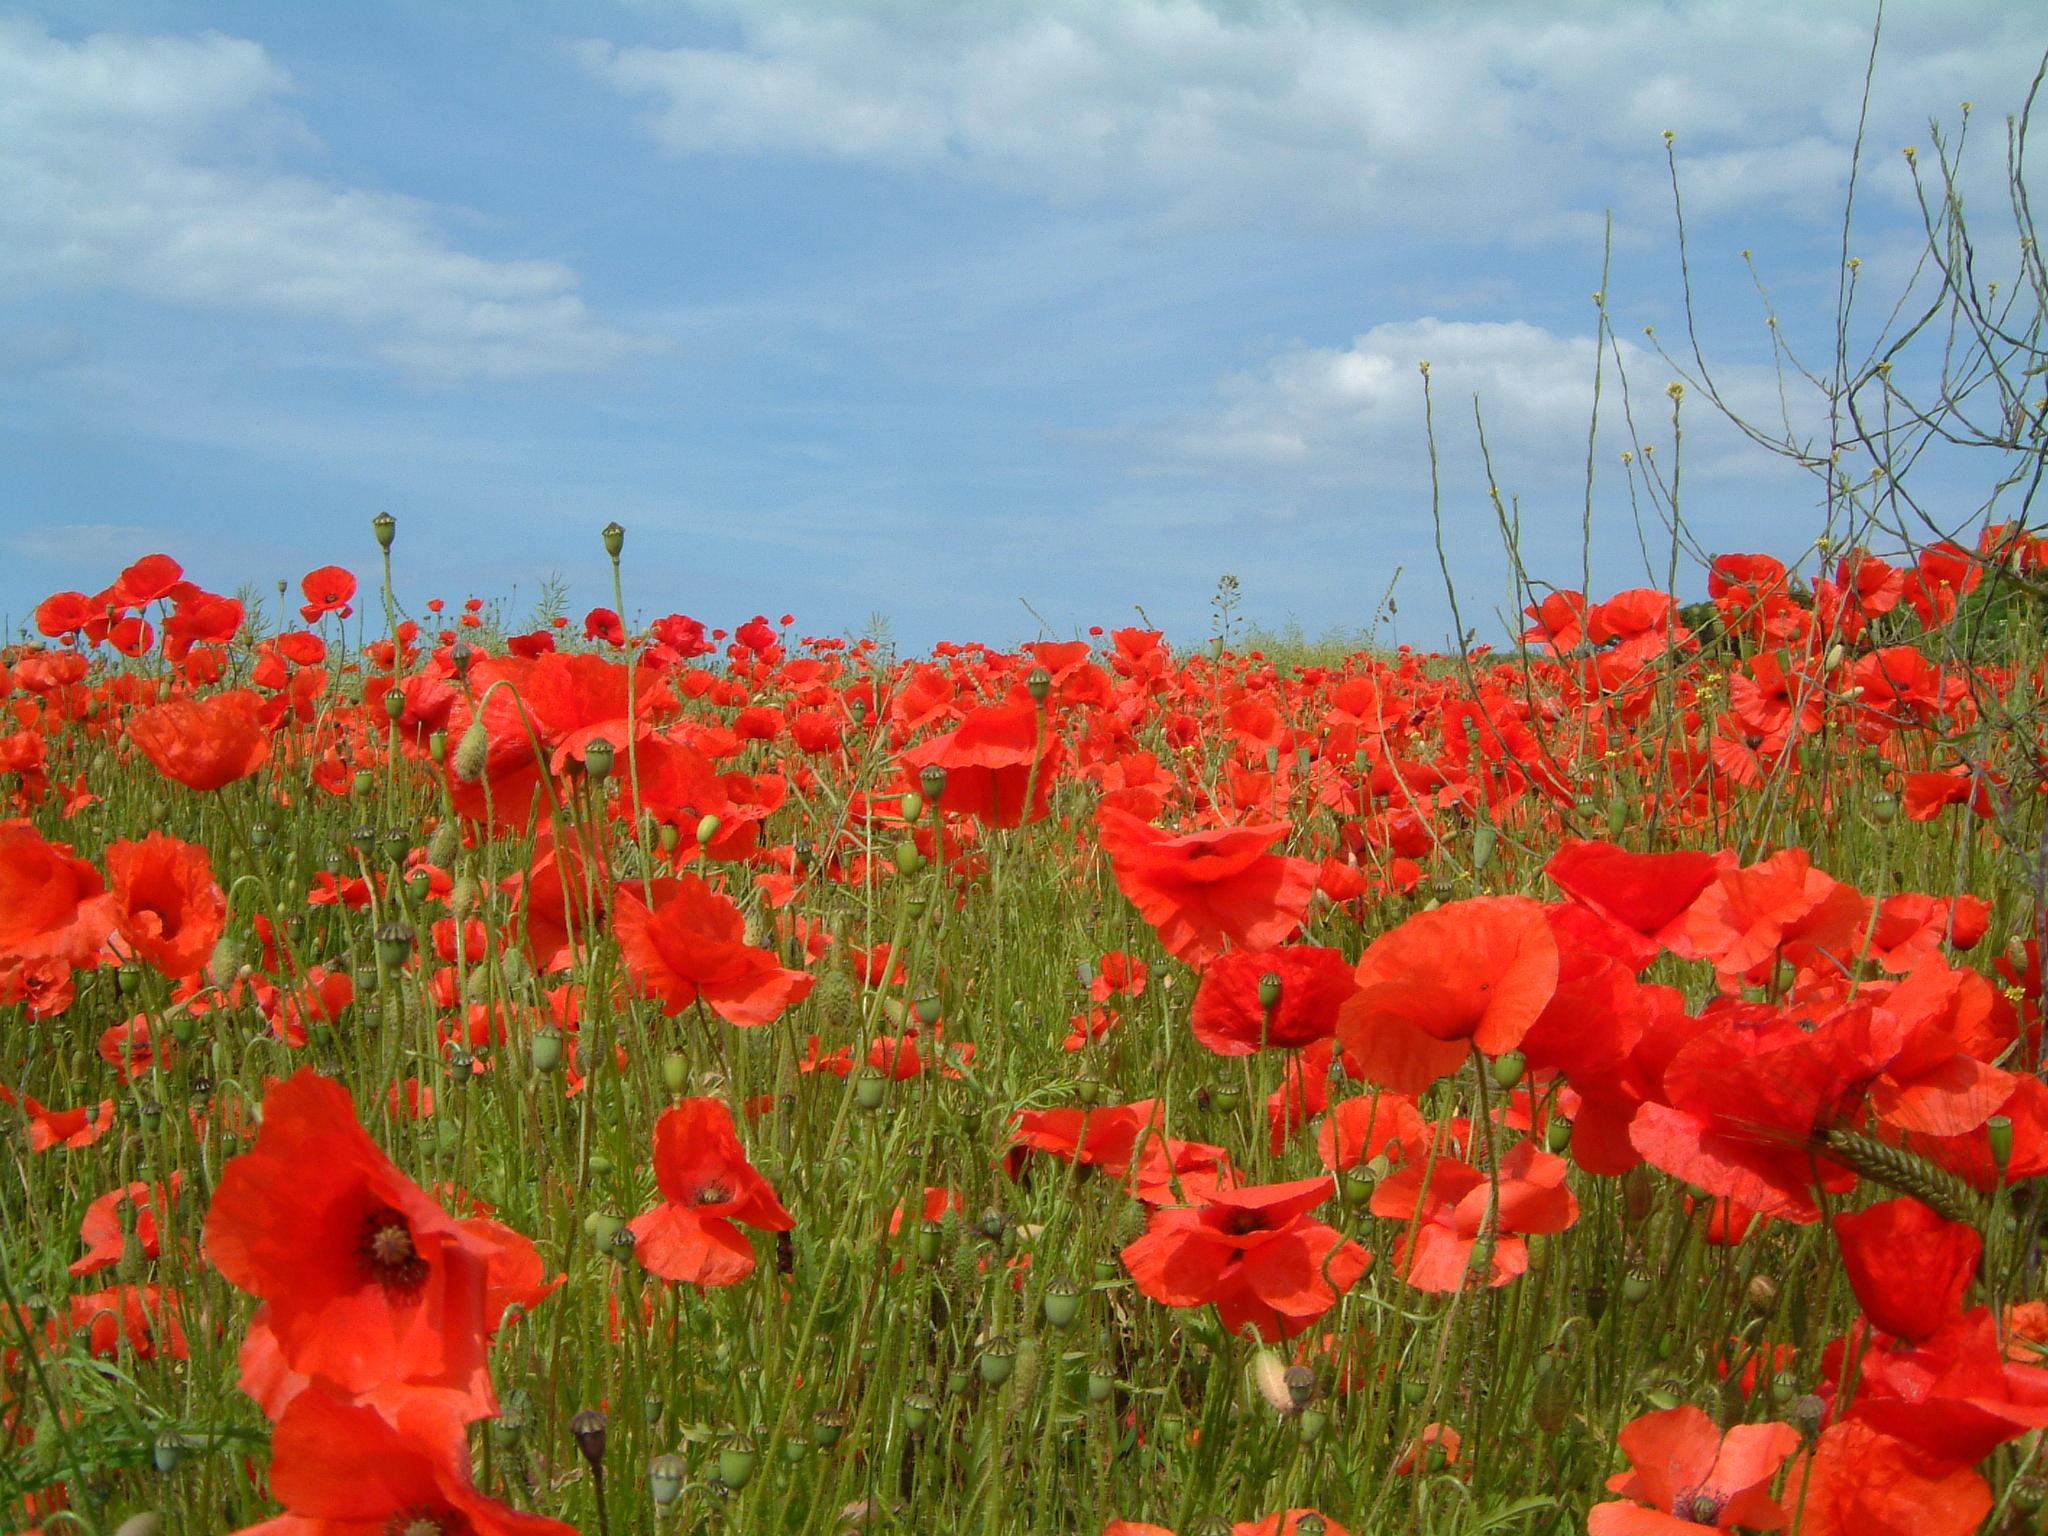 The poppy poems prose song glossophilia poppy mightylinksfo